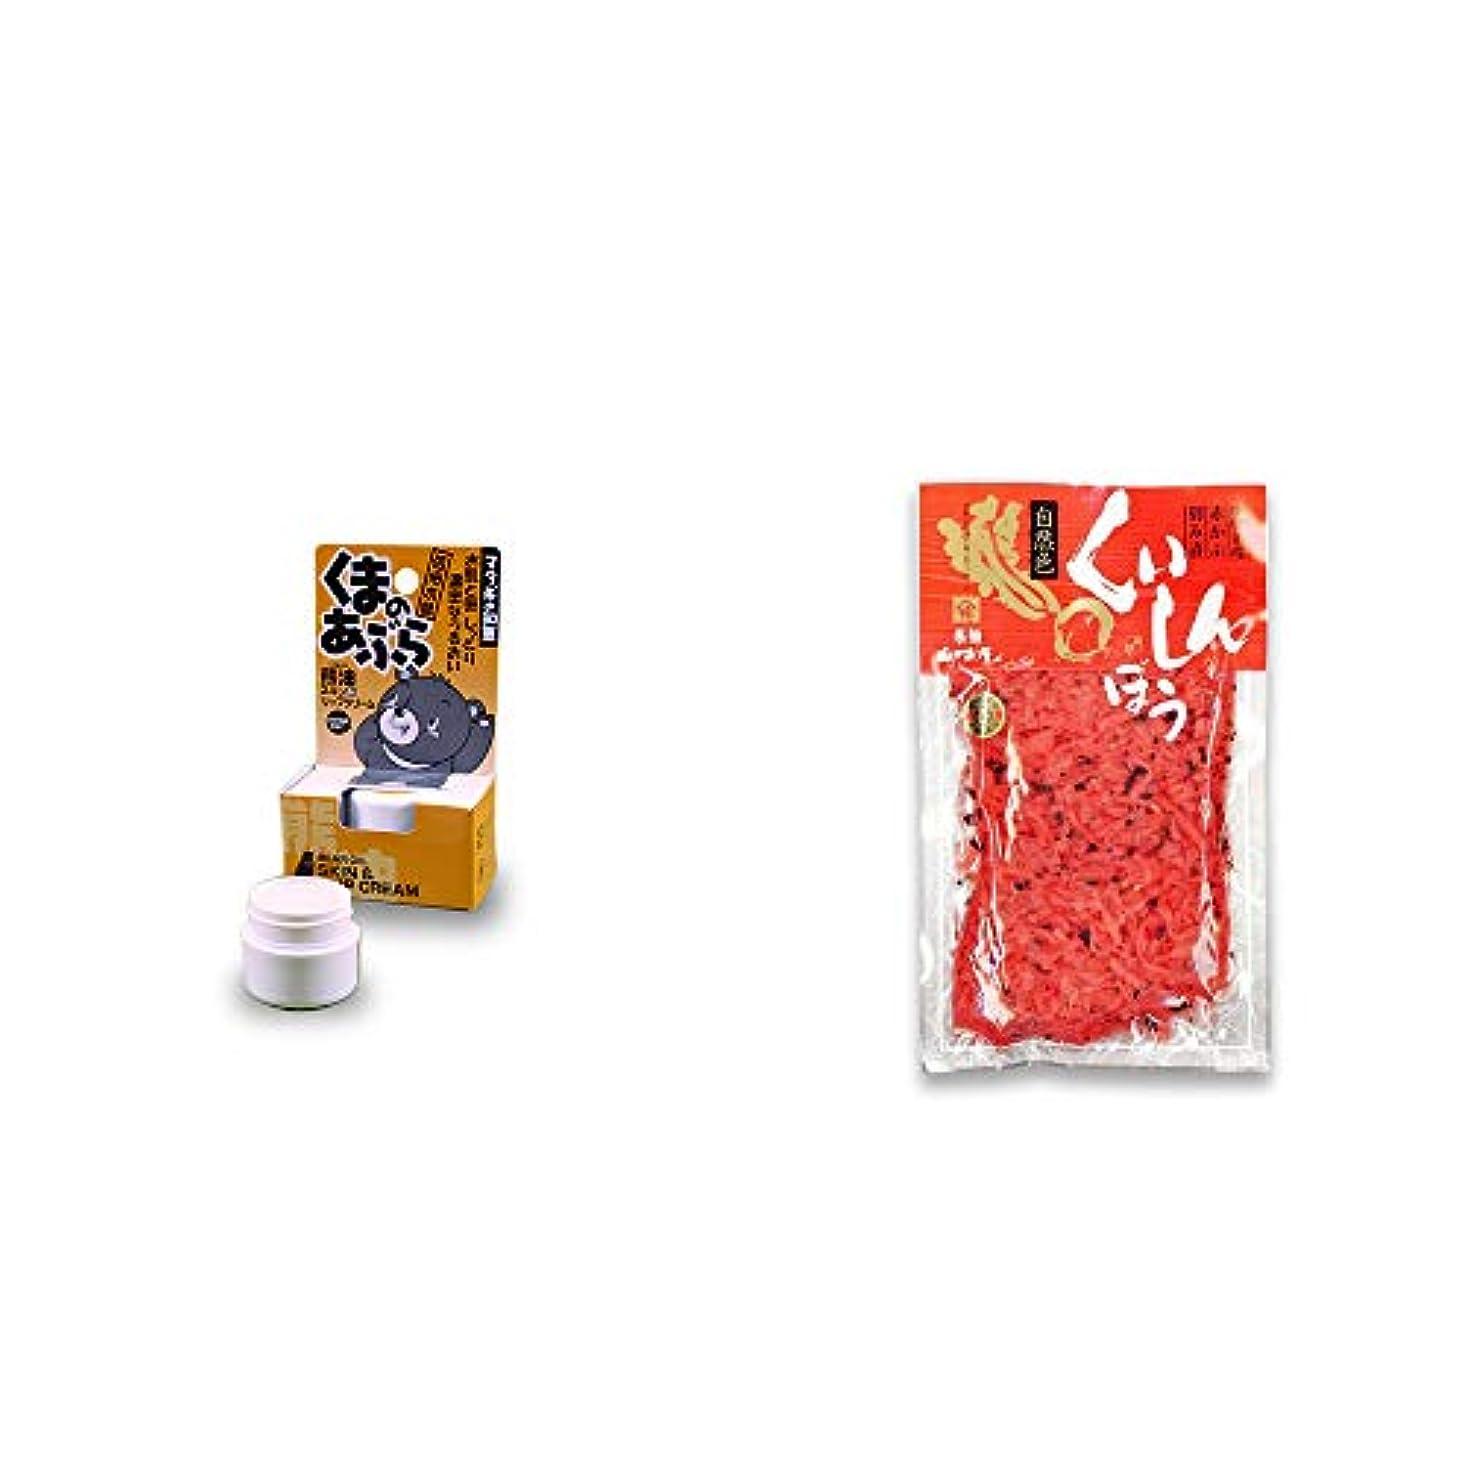 緩むワイド暖かく[2点セット] 信州木曽 くまのあぶら 熊油スキン&リップクリーム(9g)?飛騨山味屋 くいしんぼう【大】(260g) [赤かぶ刻み漬け]